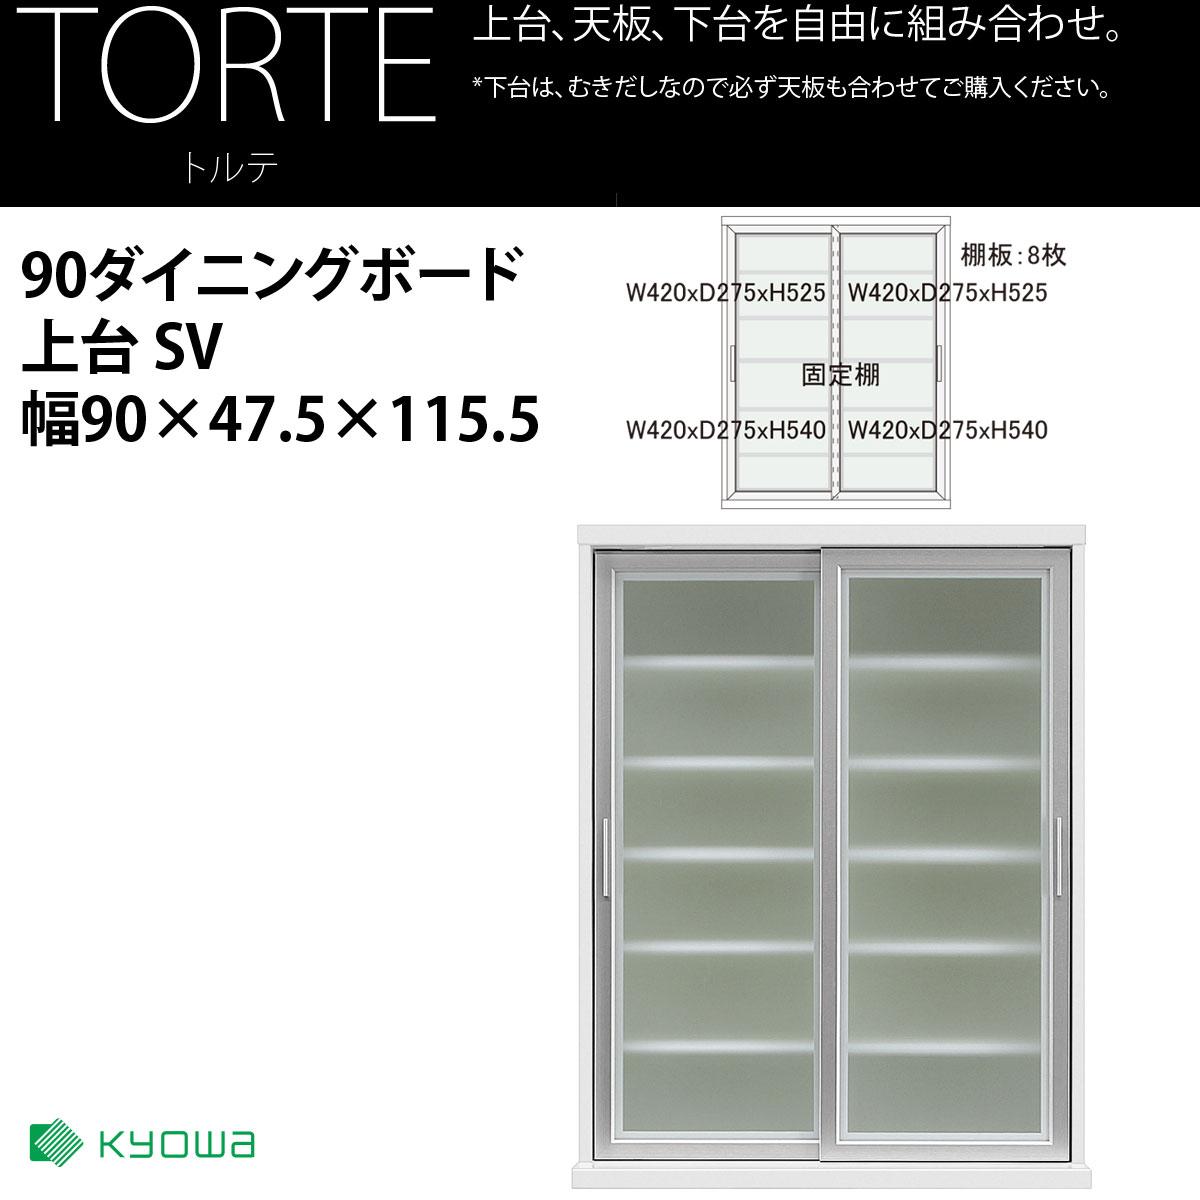 共和産業 トルテ ダイニングボード 上台 90 シルバー【幅90×高さ115.5cm】 日本製 国産